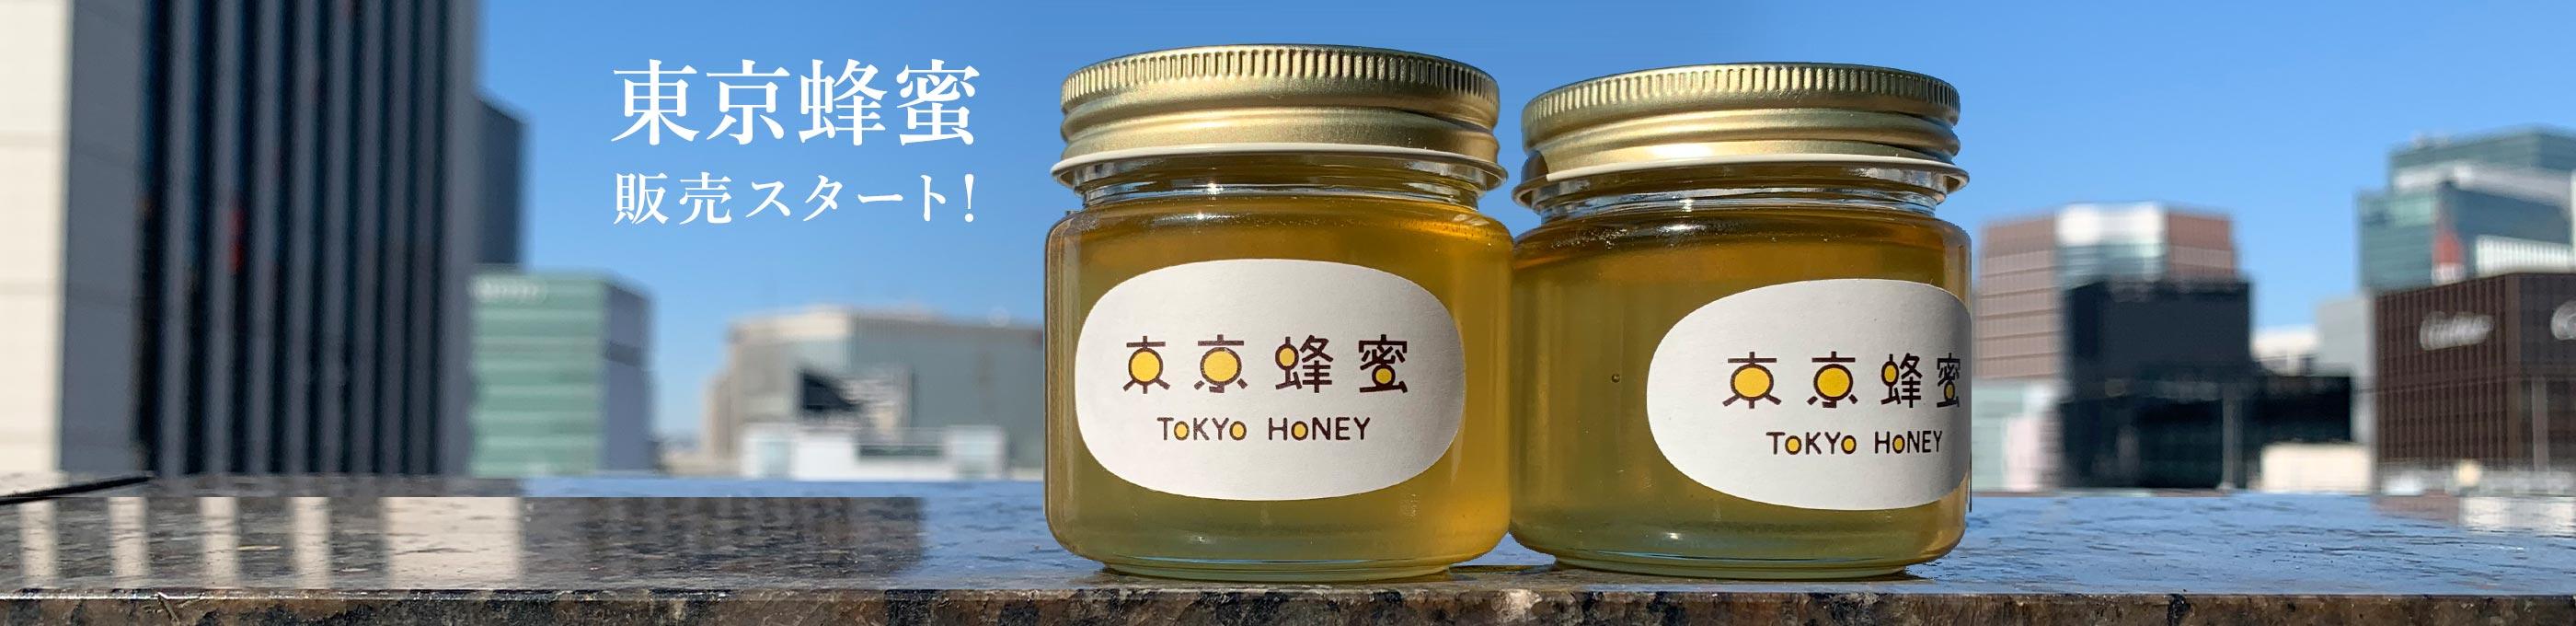 東京蜂蜜 採蜜